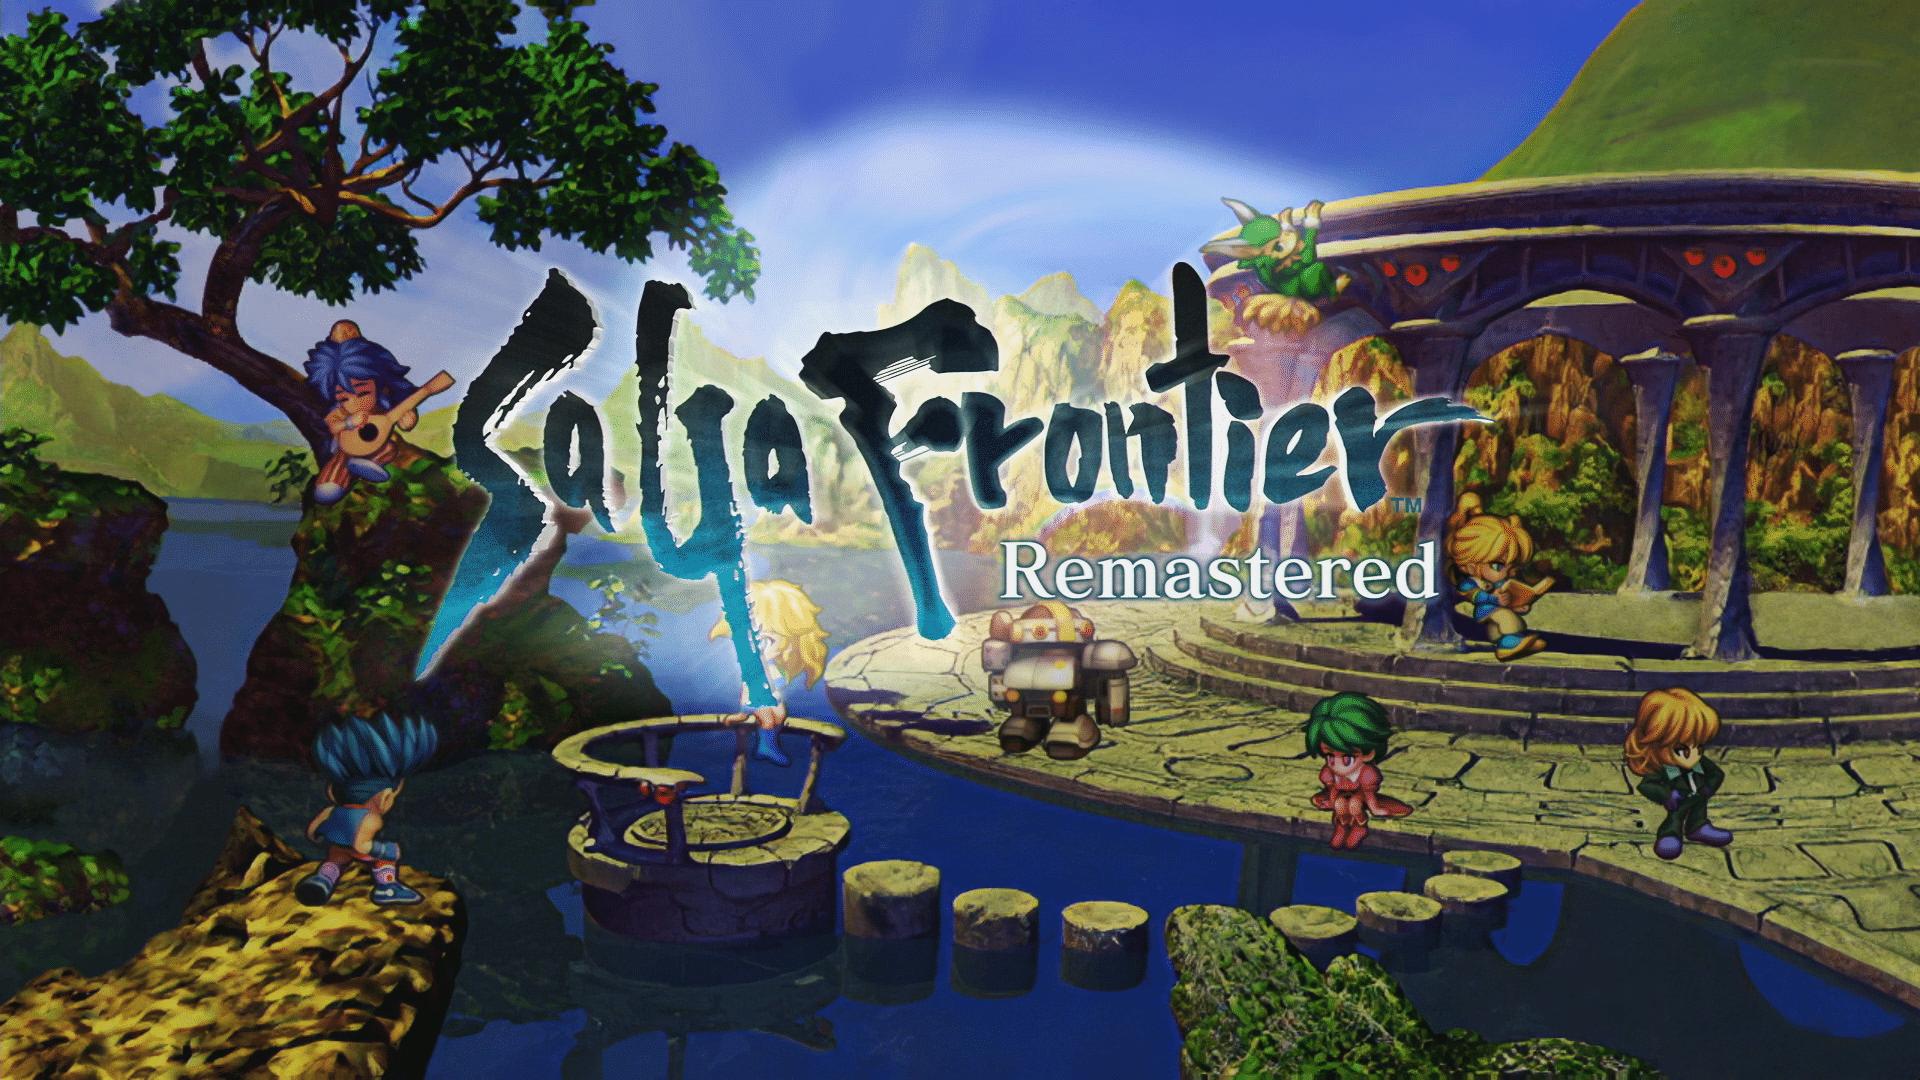 SaGa-Frontier-Remastered-jetzt-f-r-Konsolen-und-Mobilger-te-erh-ltlich